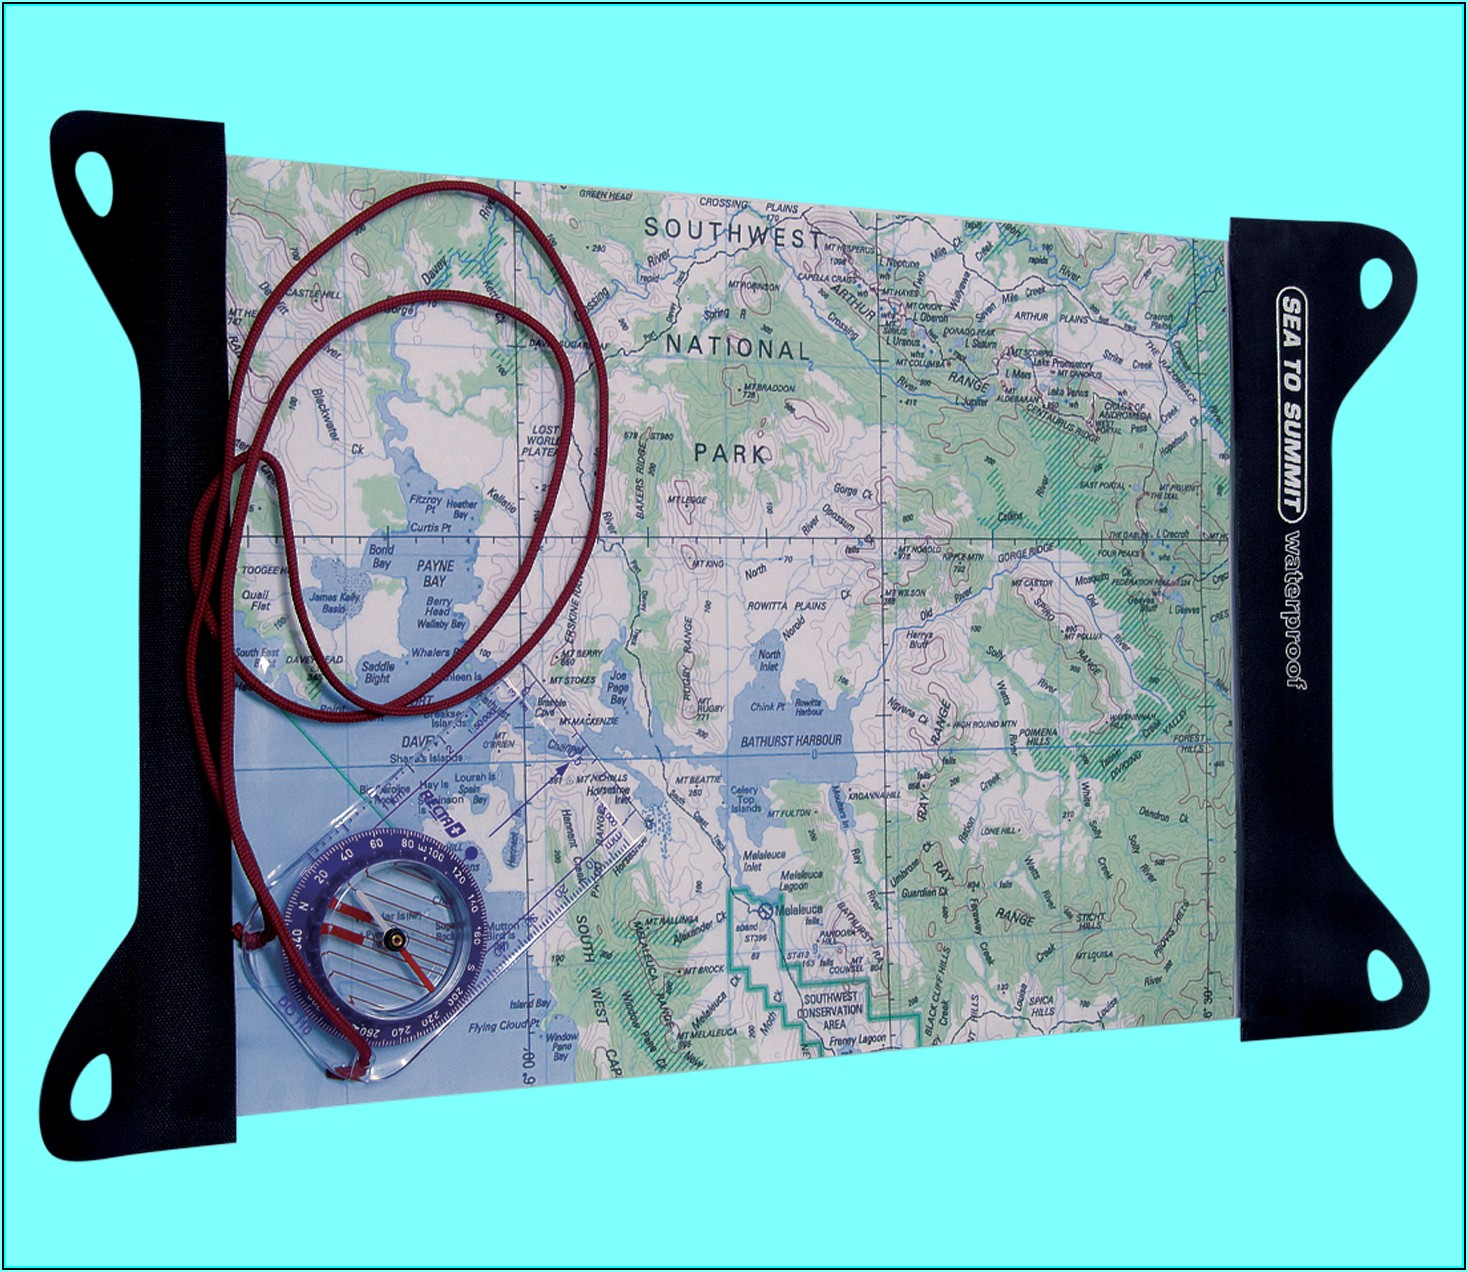 Waterproof Map Case Reviews